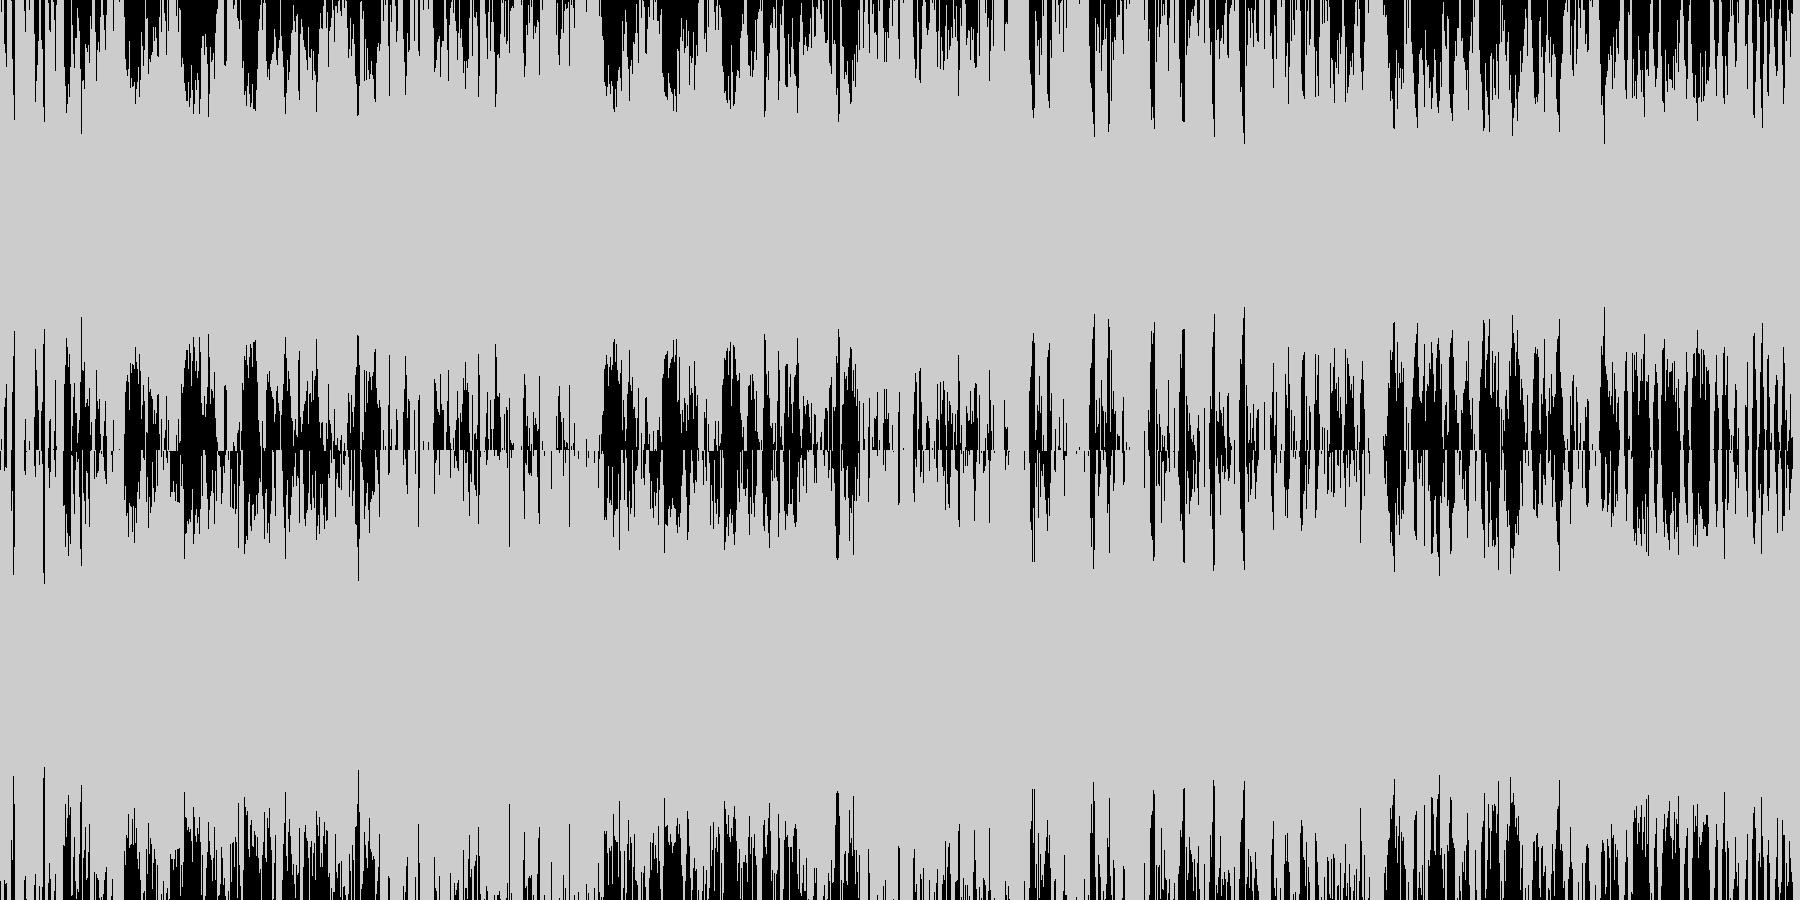 激しいオーケストラのループ楽曲です。の未再生の波形